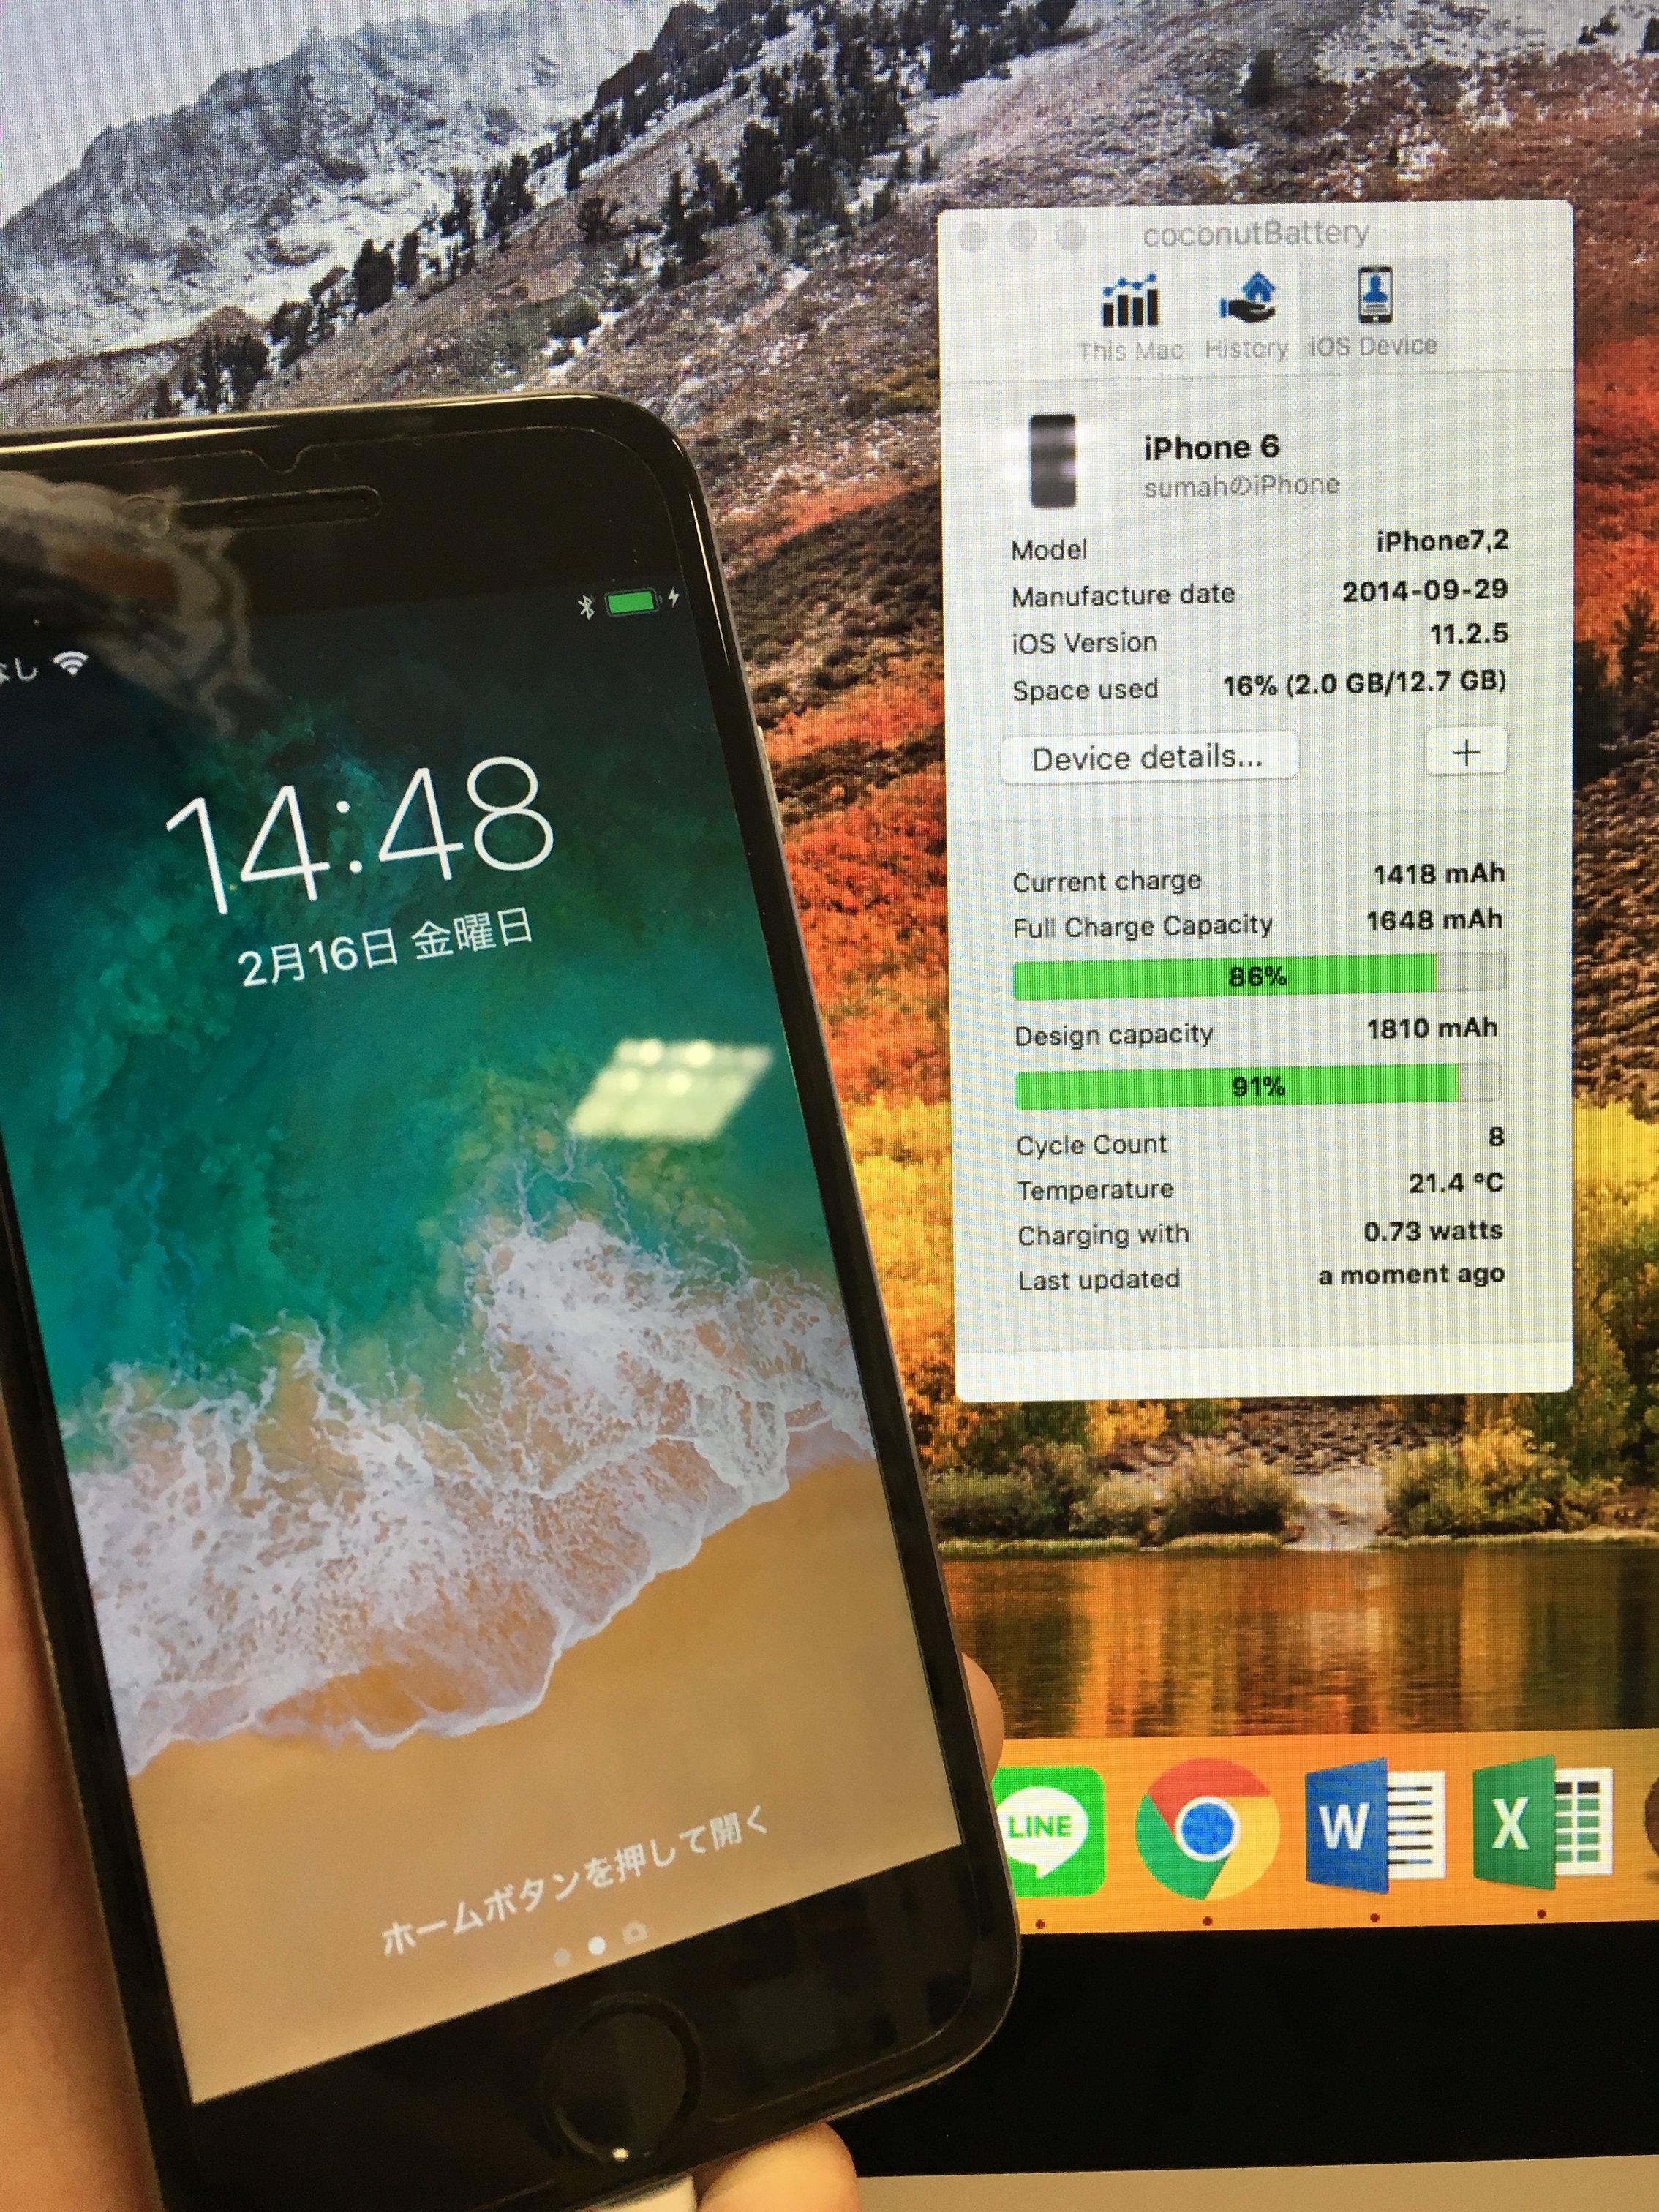 iPhoneのバッテリーの無料診断